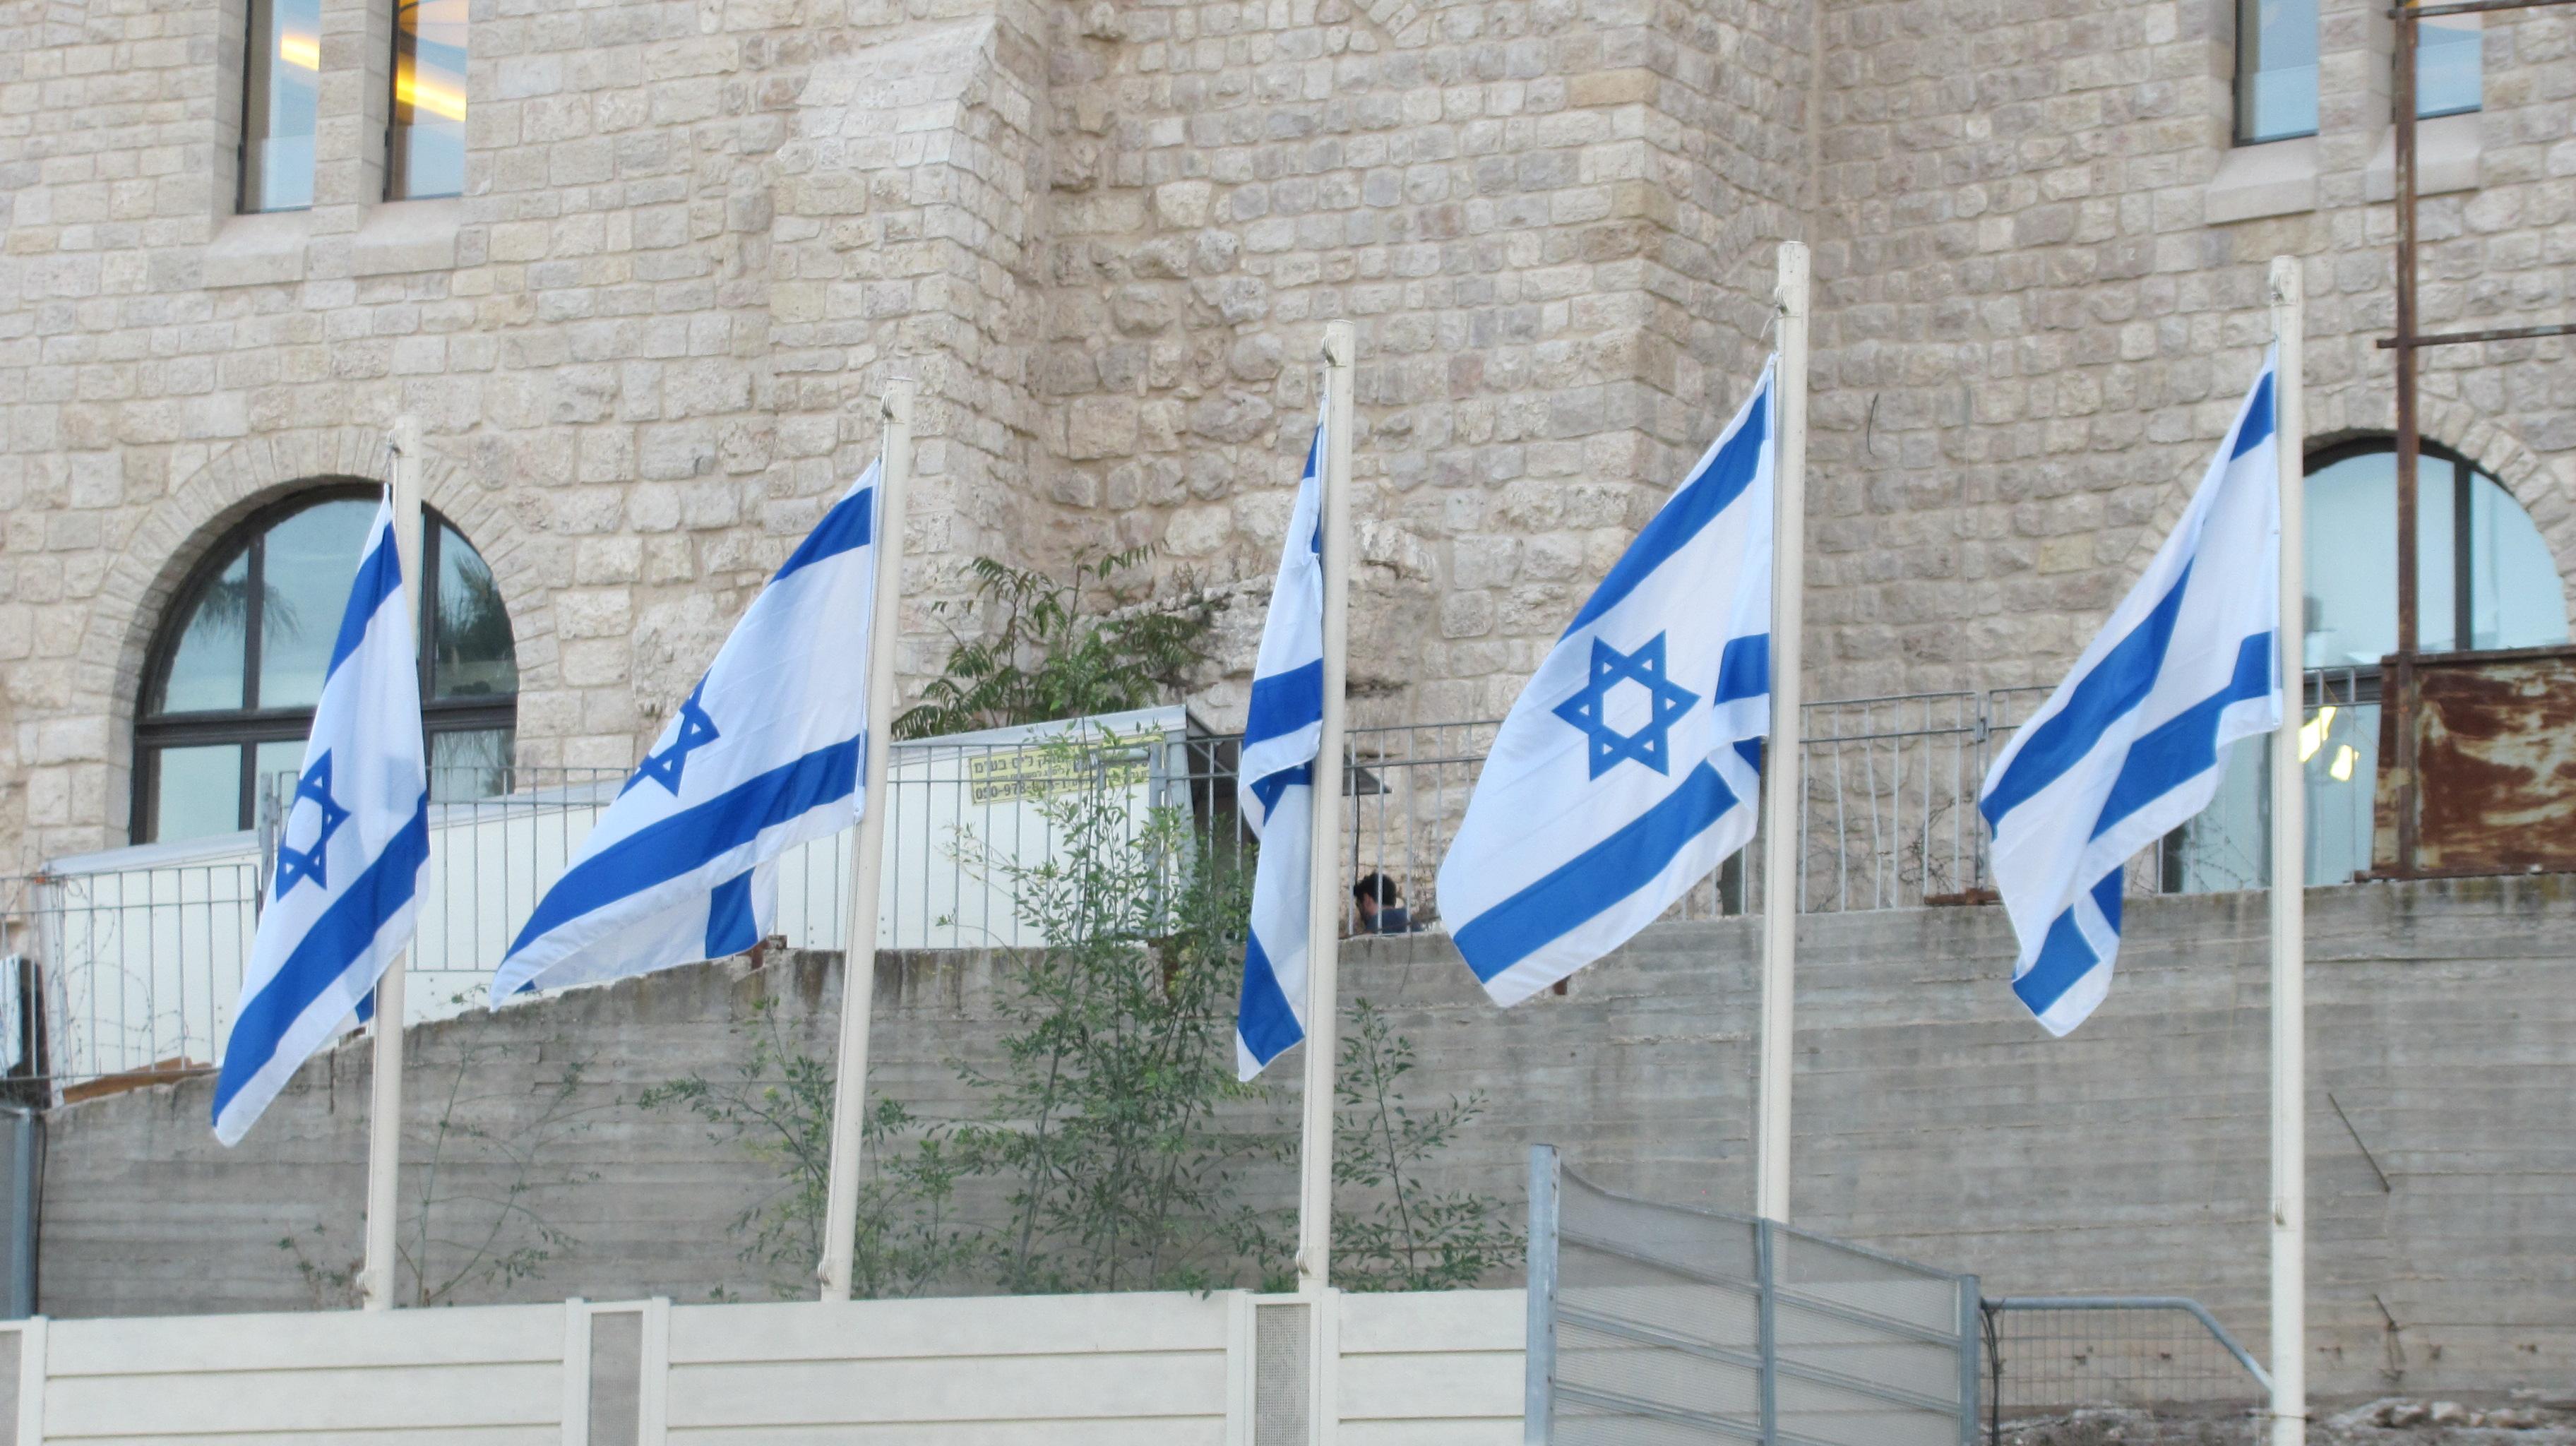 Israel near the western wall